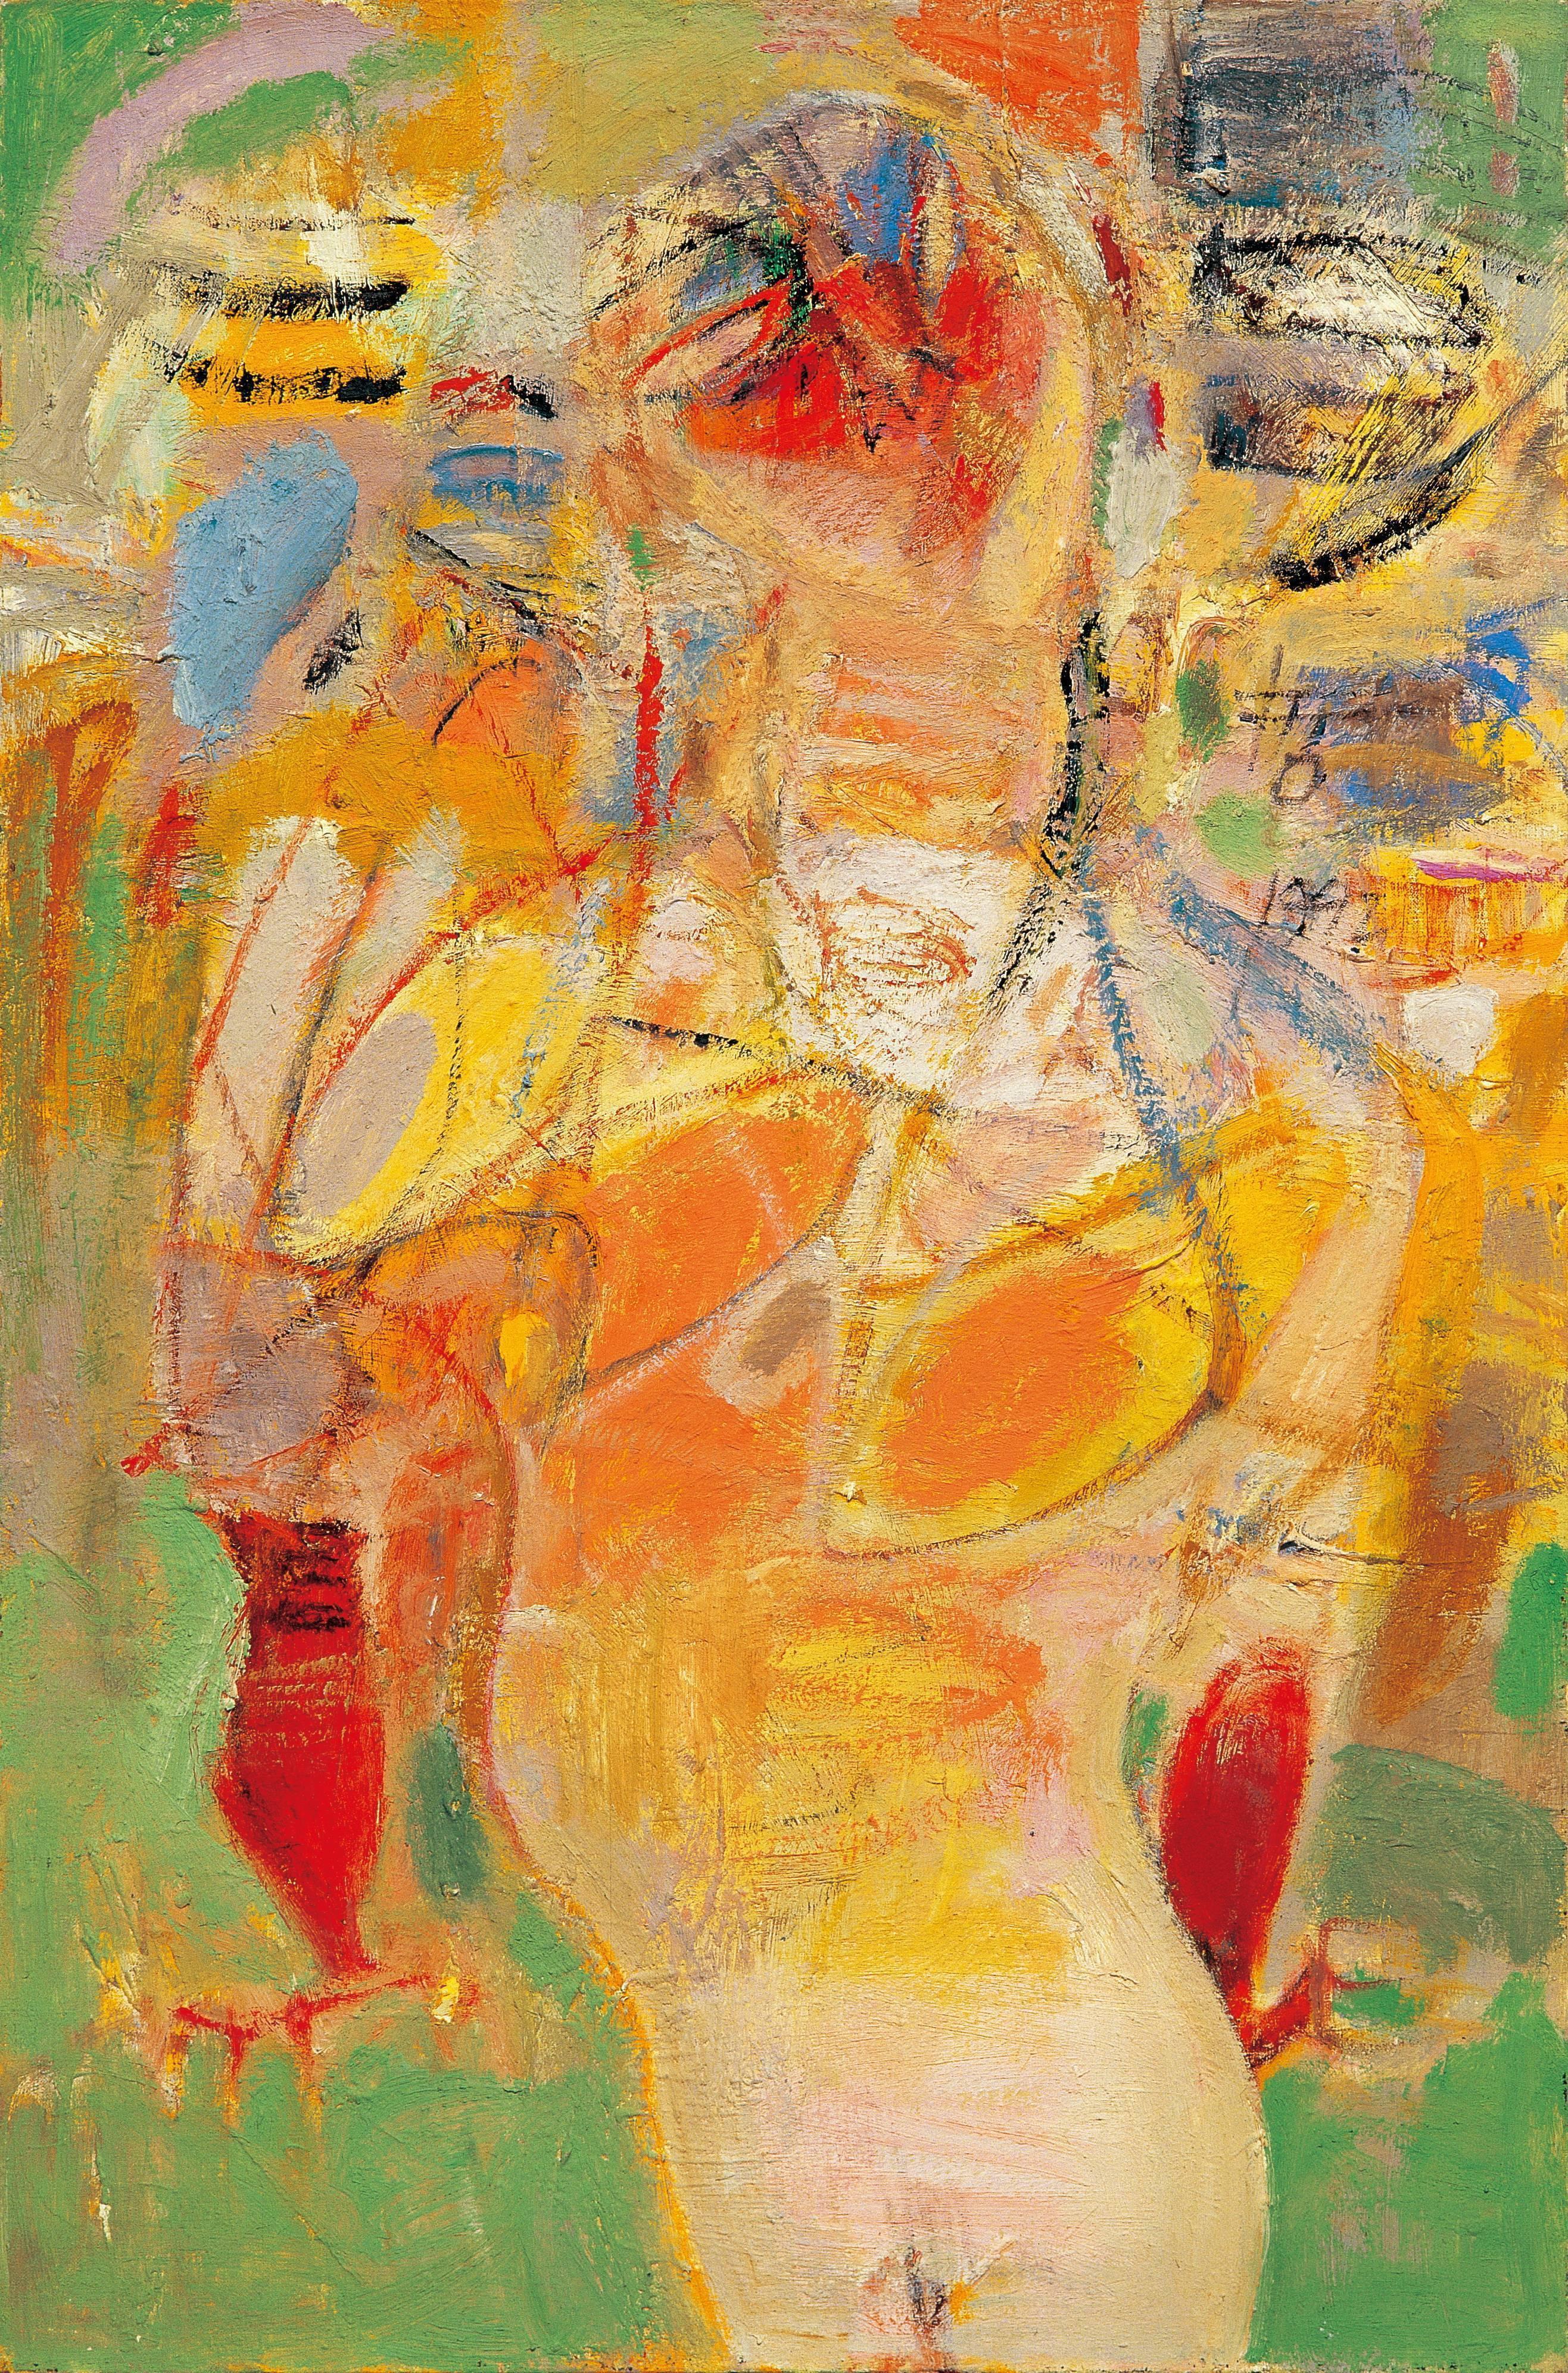 黃銘哲|女人與自畫像-II|1992|綜合媒材|61x91cm